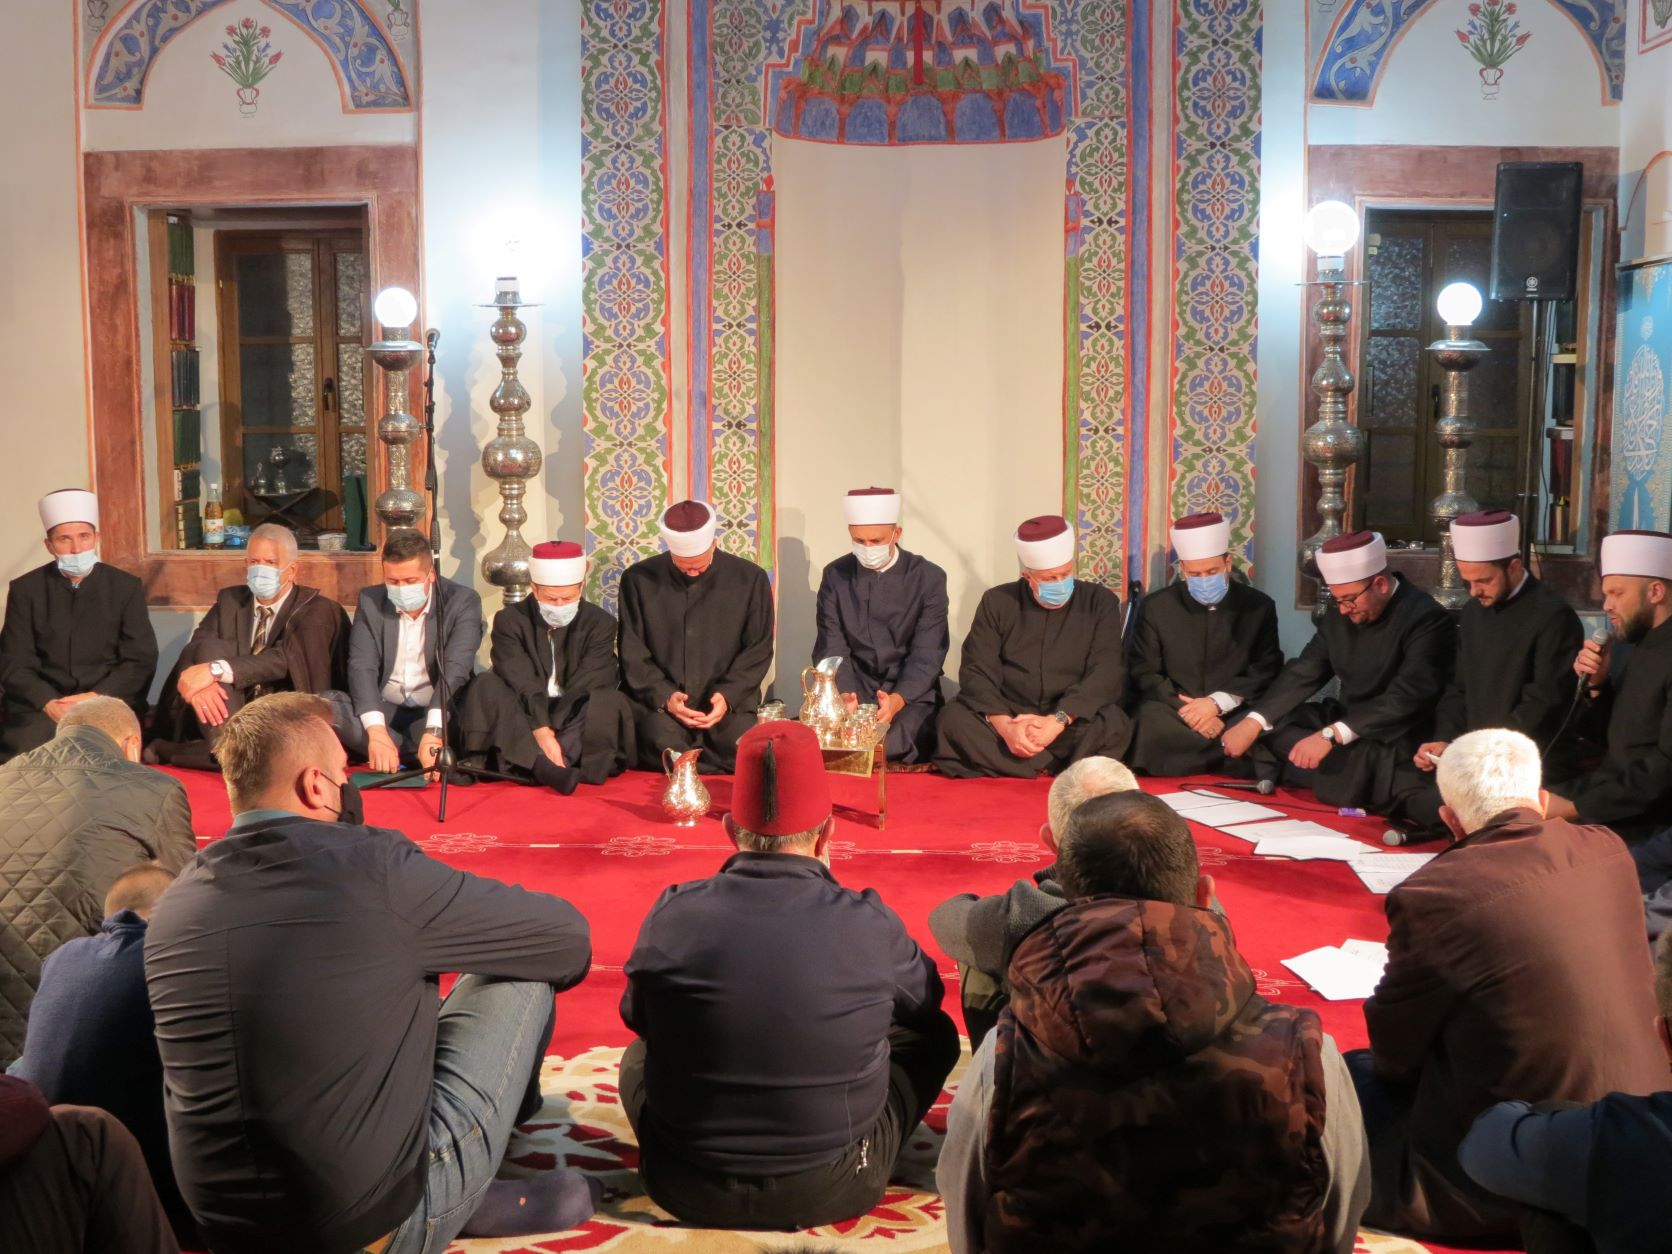 Dani o Allahovom Poslaniku: Održan tradicionalni mevlud u Baščaršijskoj džamiji